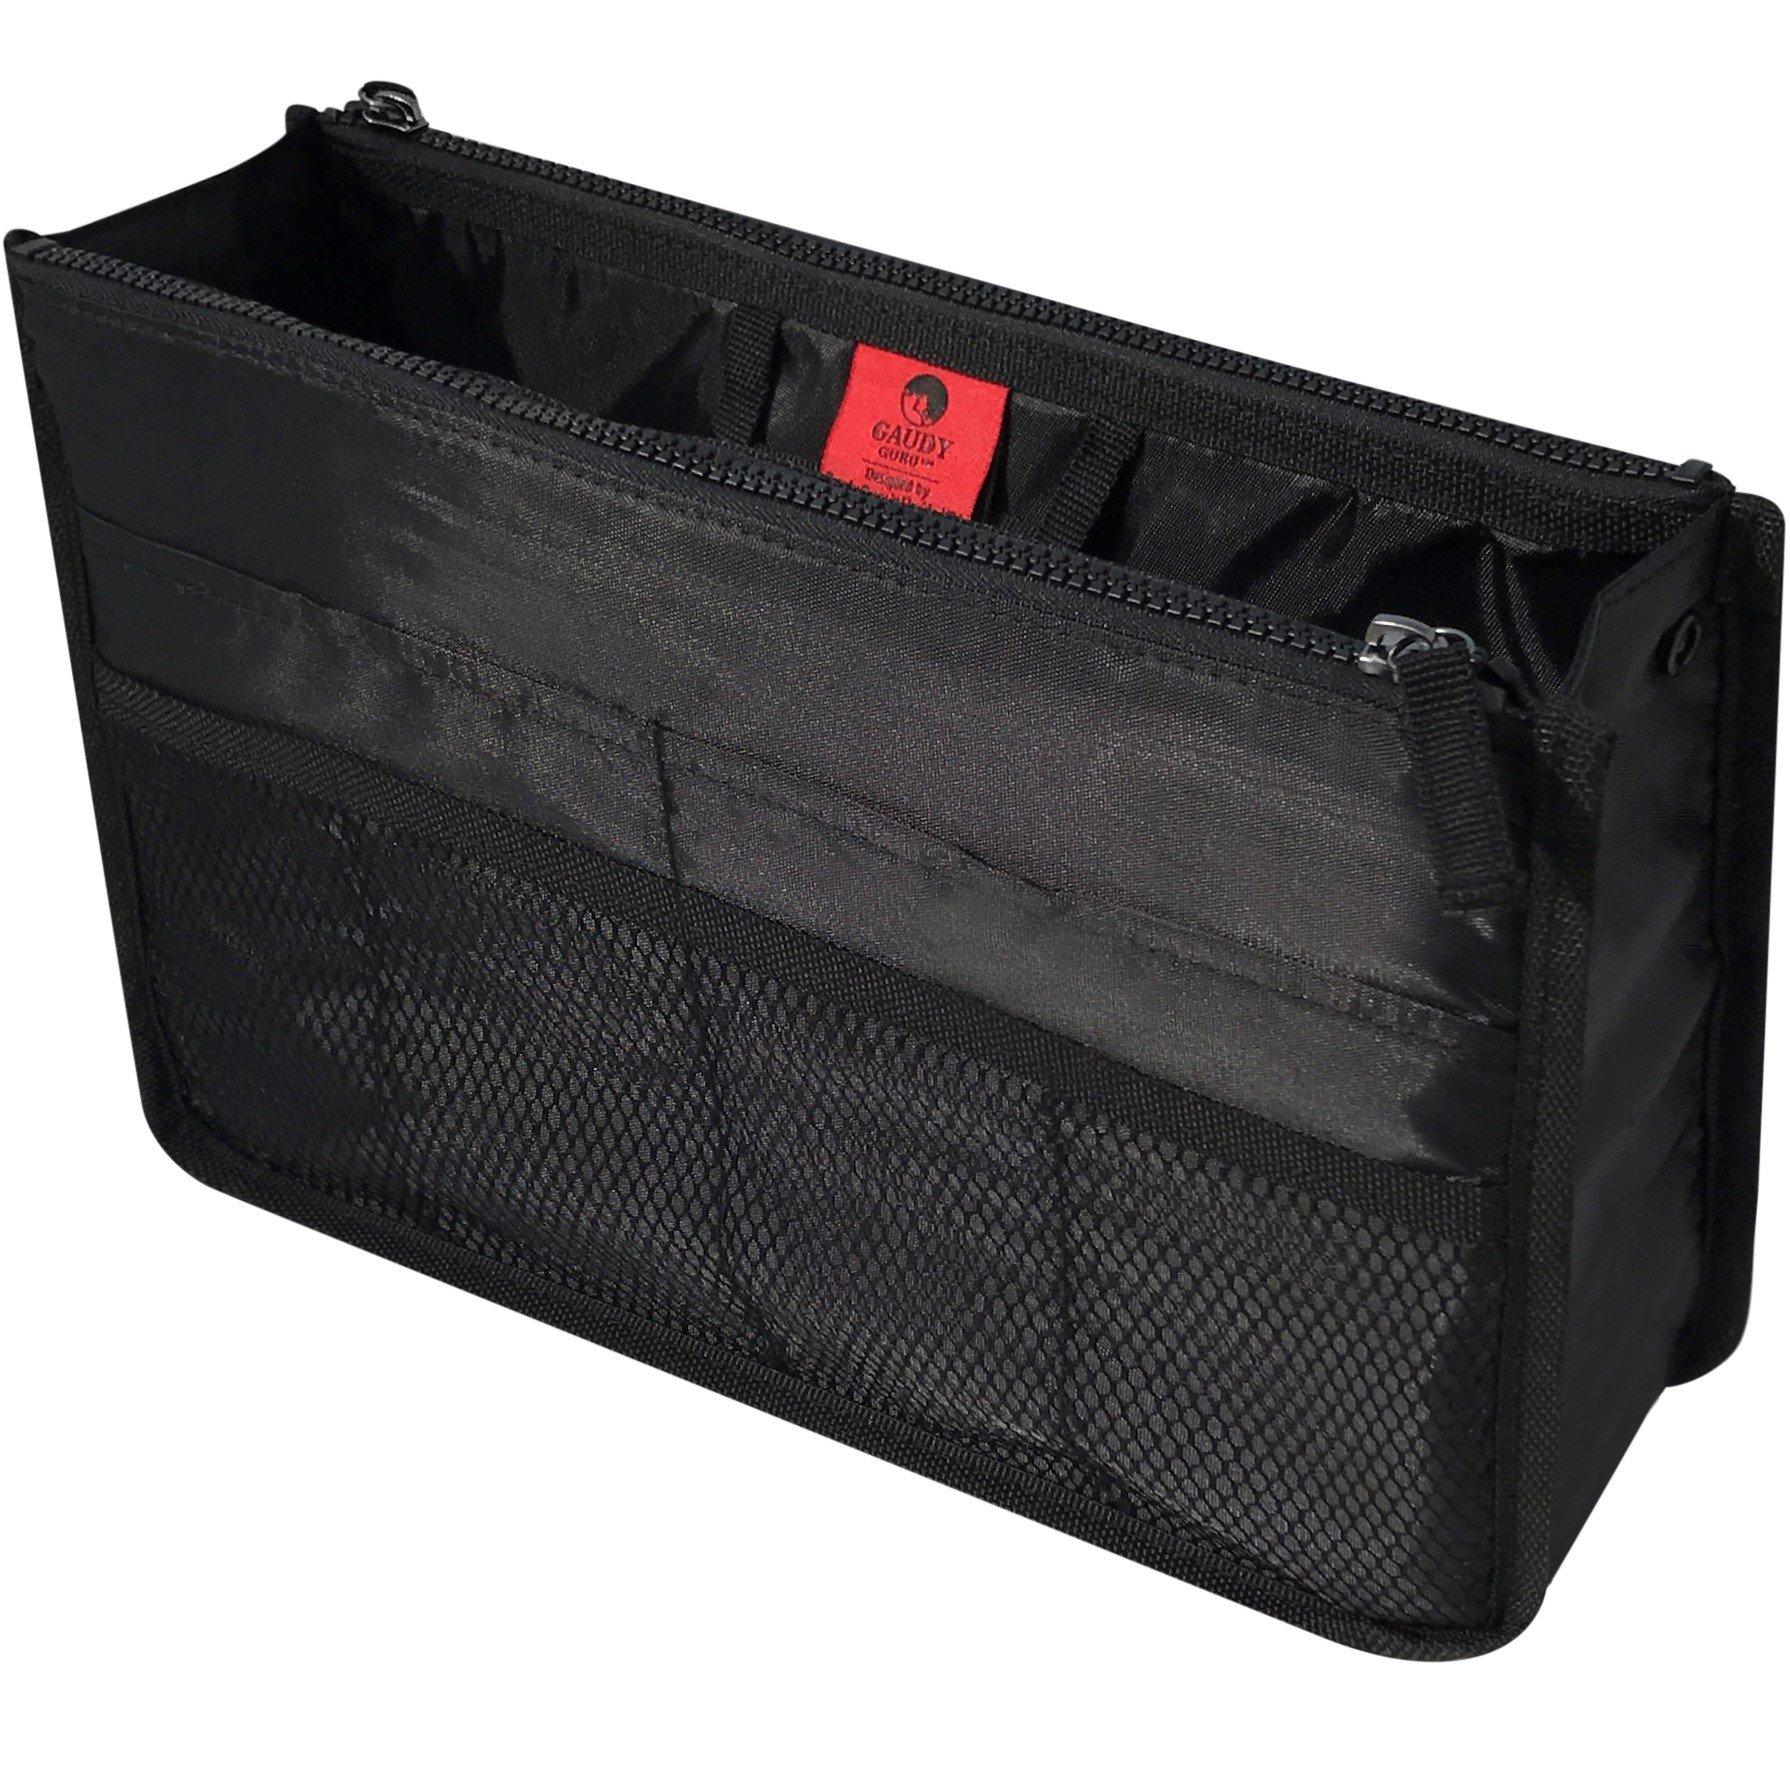 Gaudy Guru Clutter Control Handbag & Purse Organizer Insert, Large (22CM x 34CM x 10CM) Firm and Sturdy